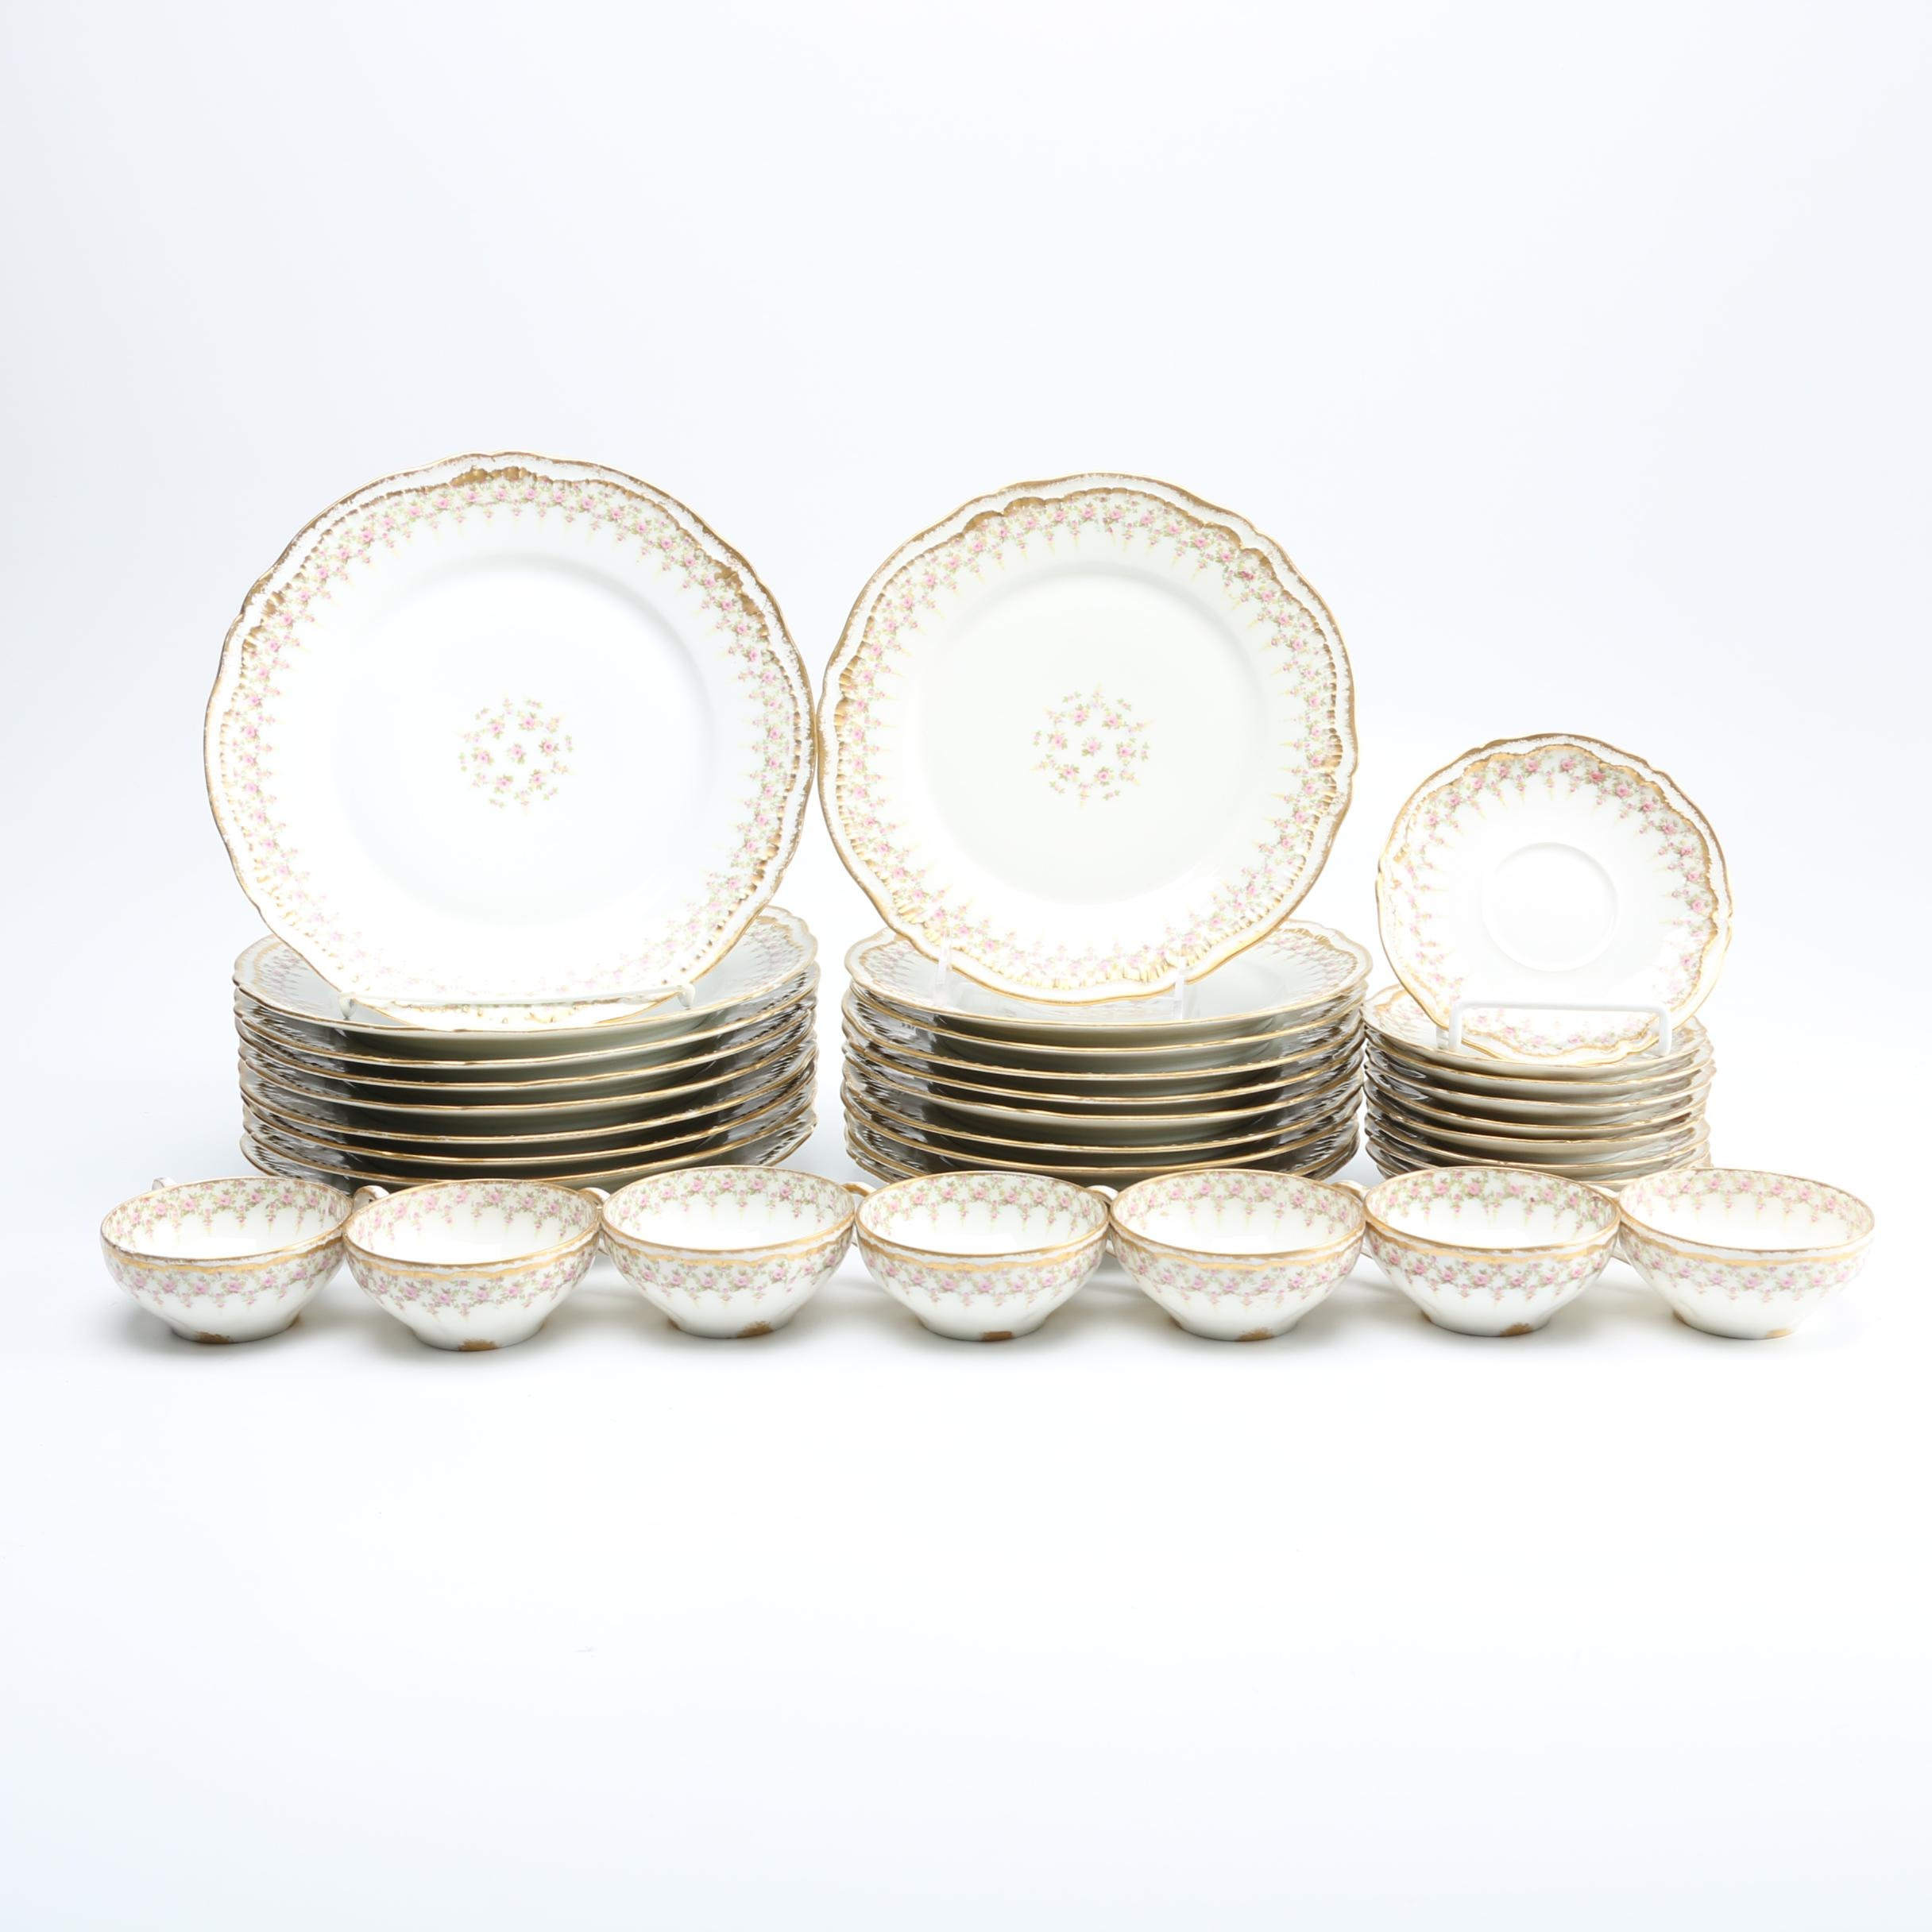 Théodore Haviland Limoges Porcelain Dishes